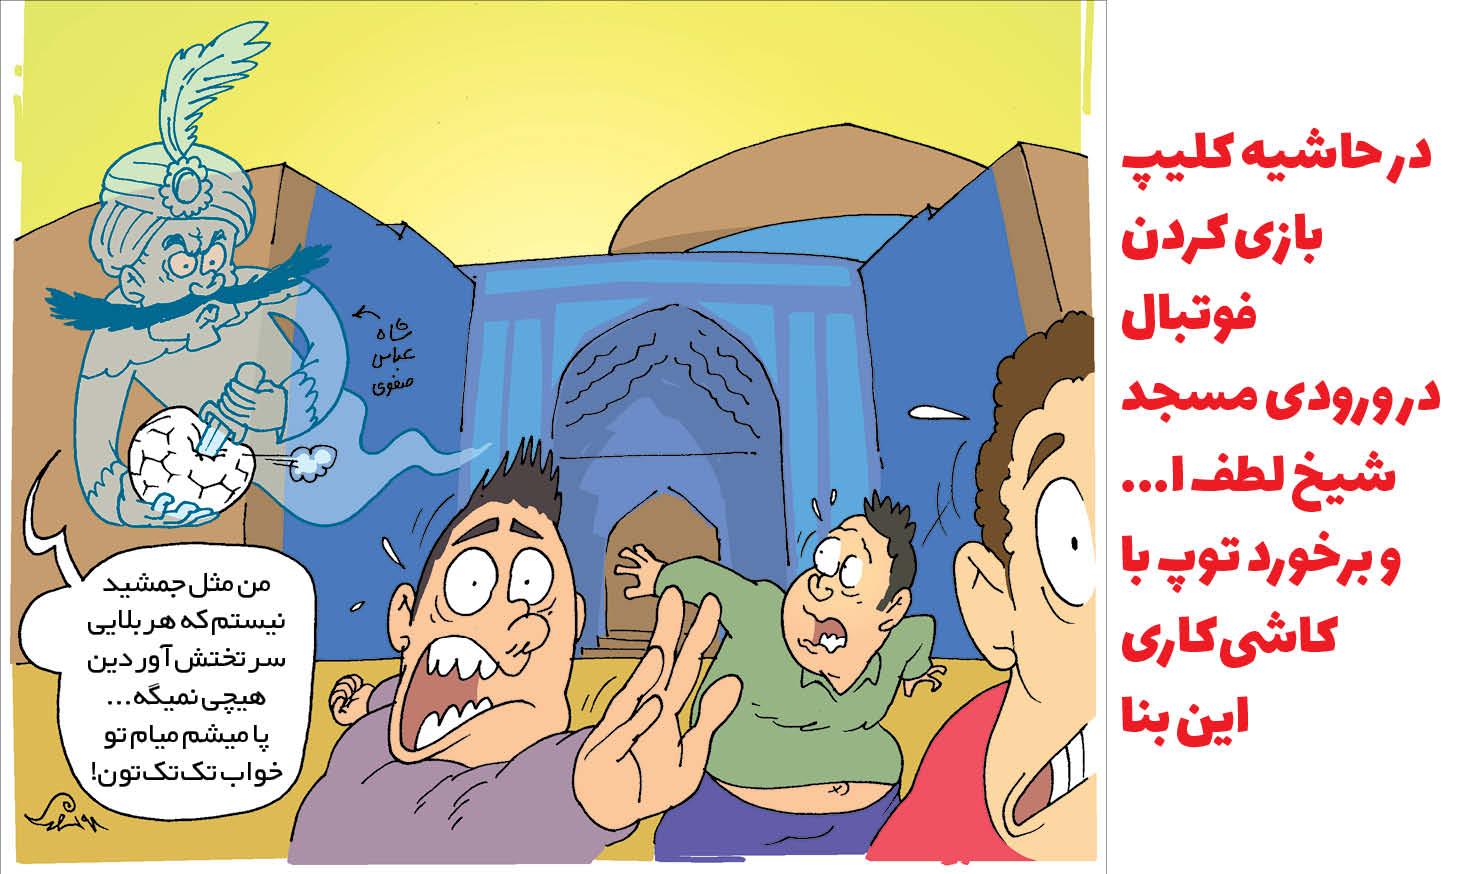 کارتونیست: محمدجواد طاهری